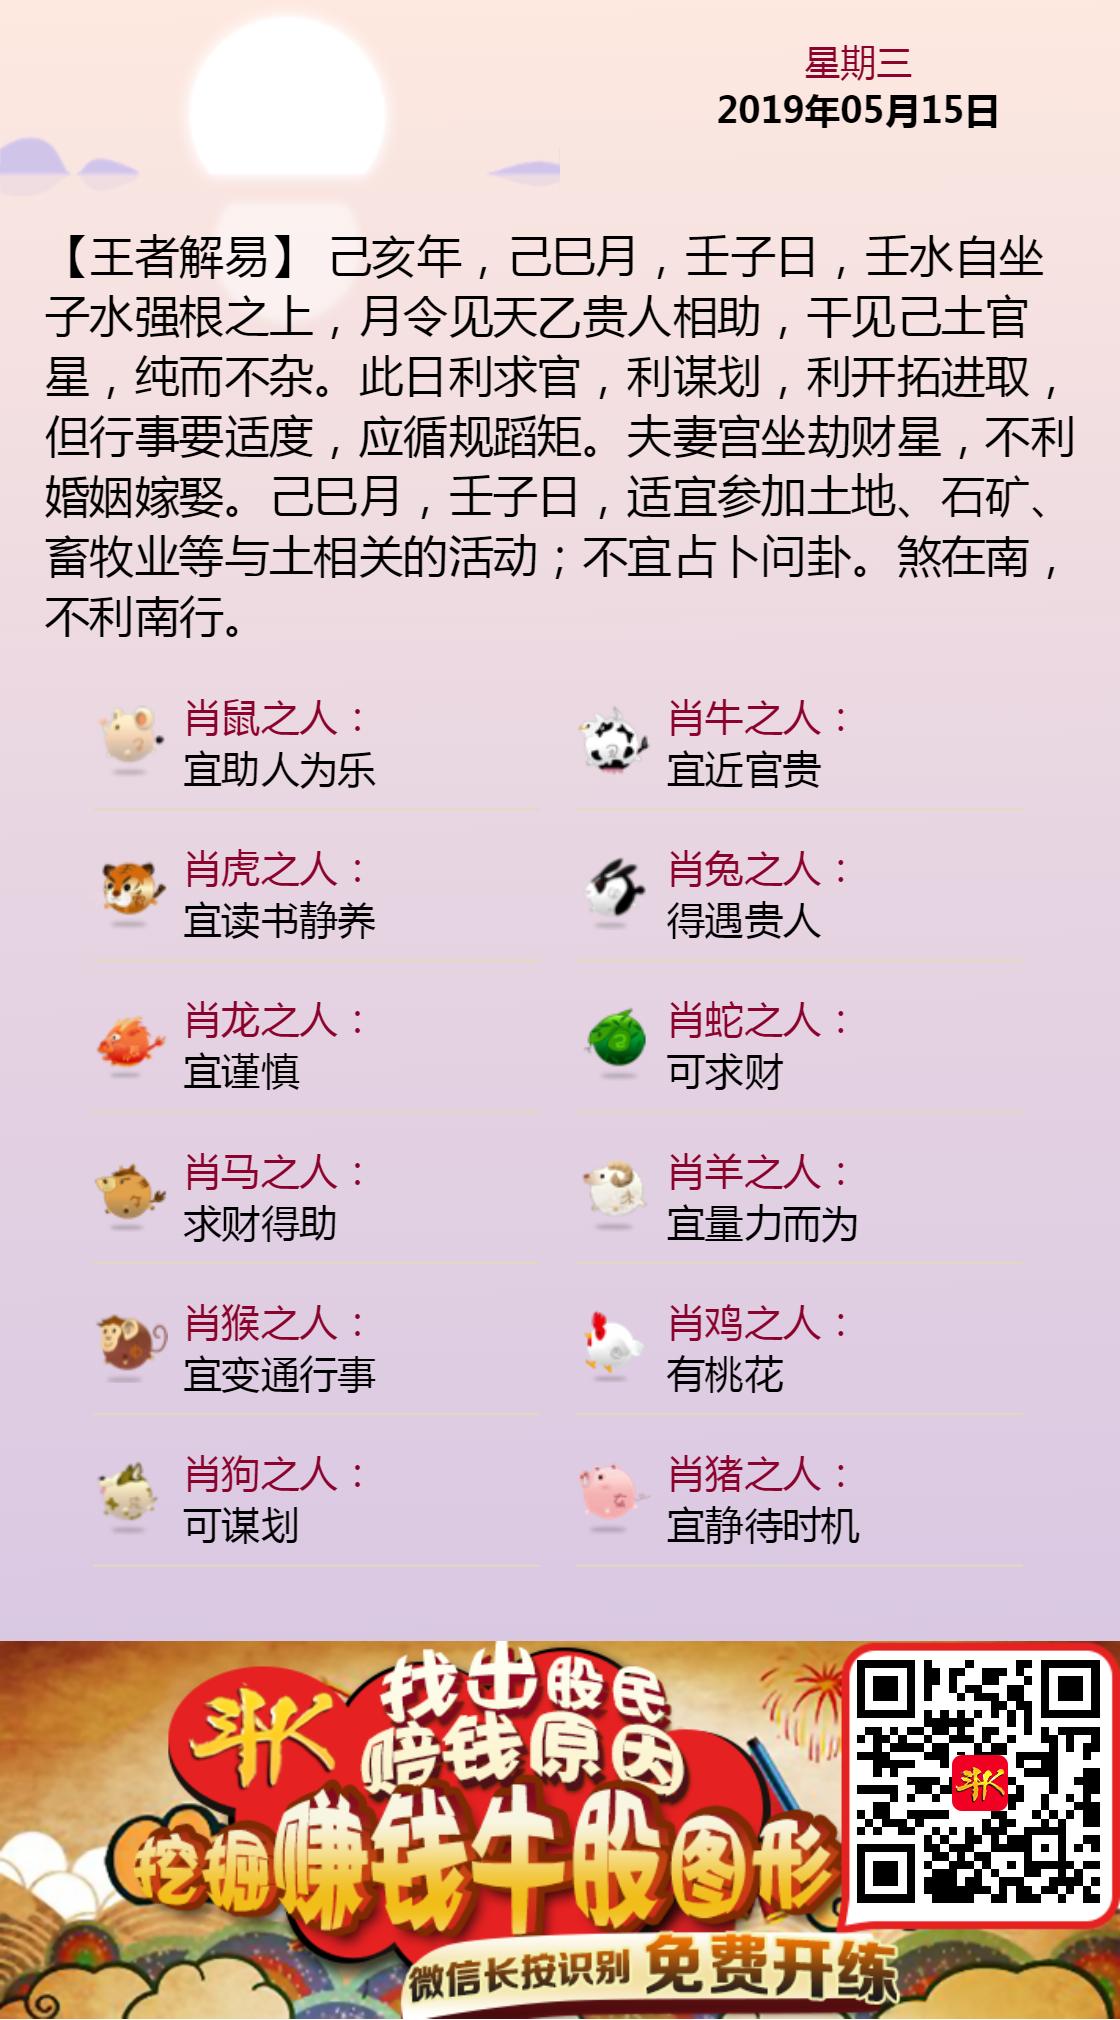 2019.5.15黄历斗K.png